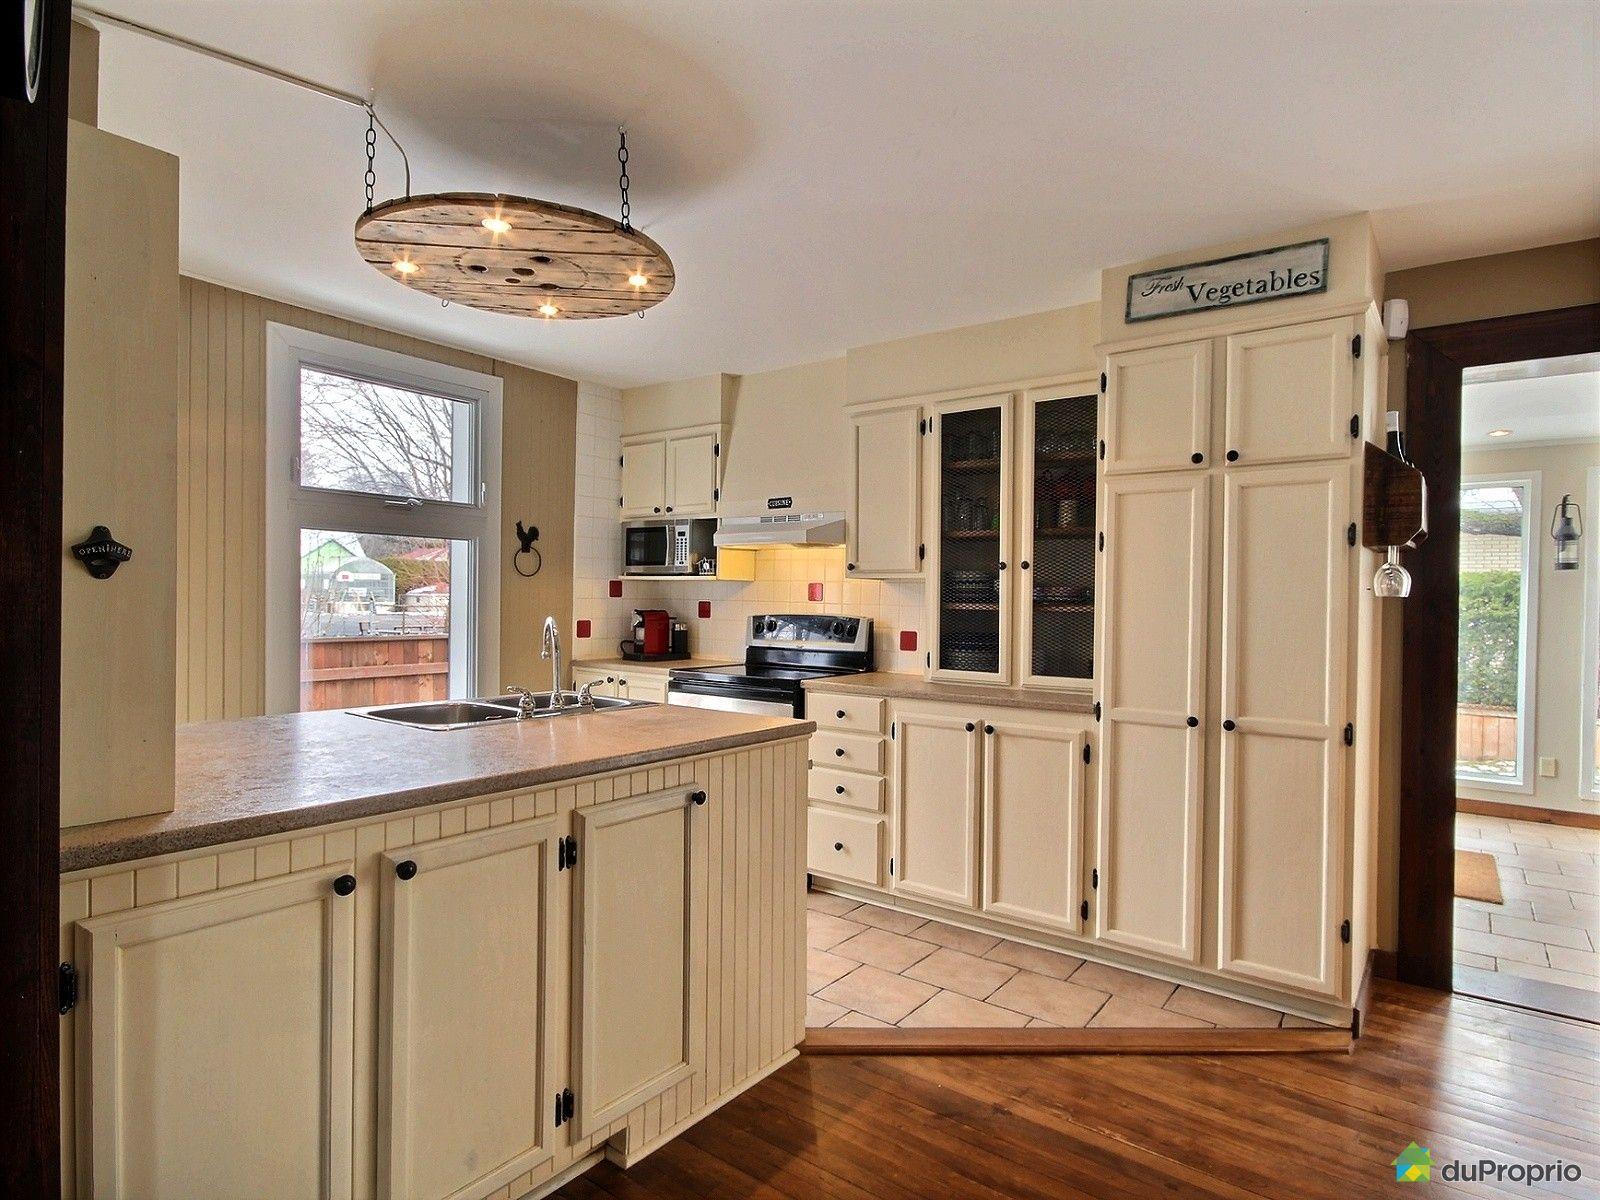 maison vendu richelieu immobilier qu bec duproprio 696559. Black Bedroom Furniture Sets. Home Design Ideas